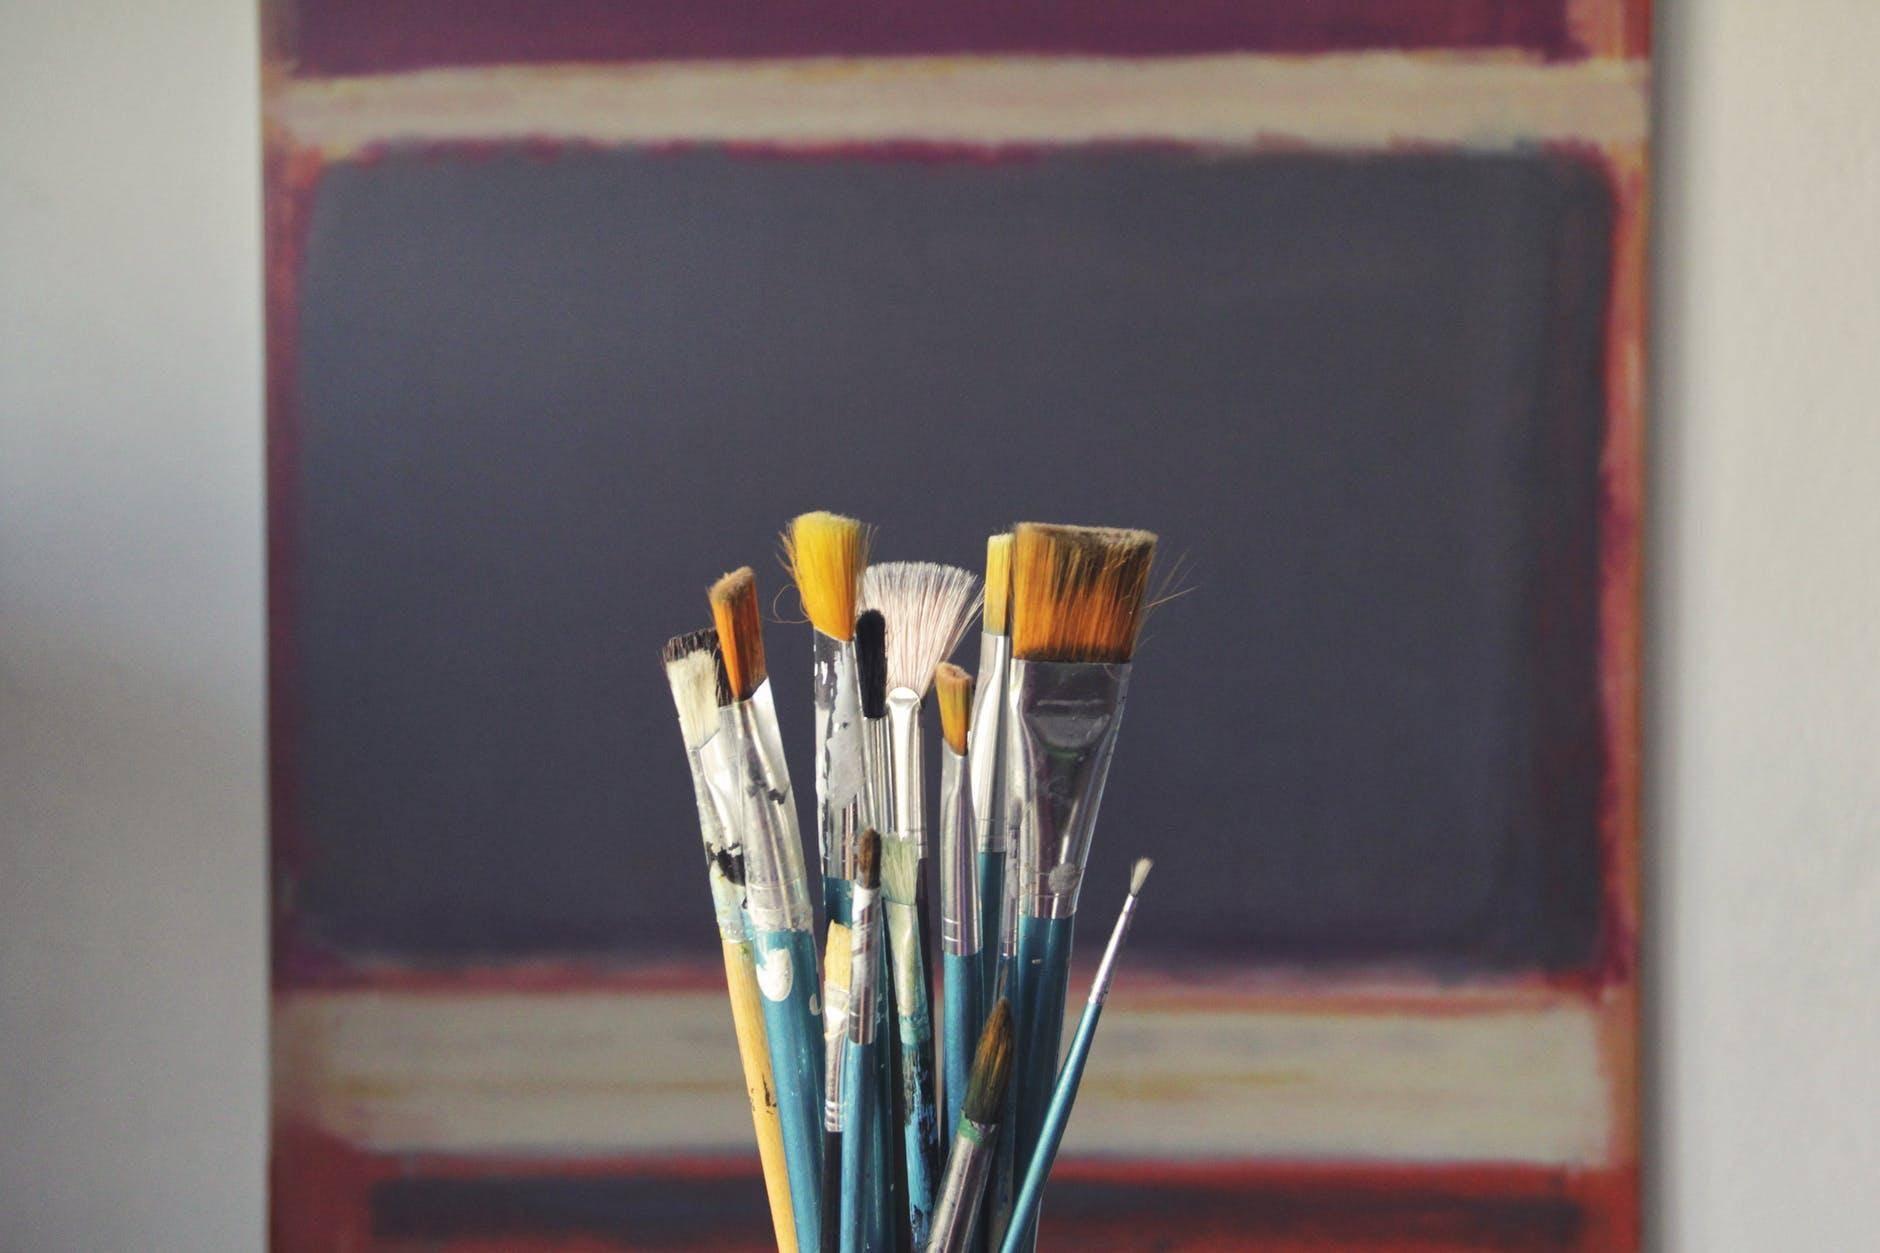 海报设计案例分享 在优质海报中寻找灵感